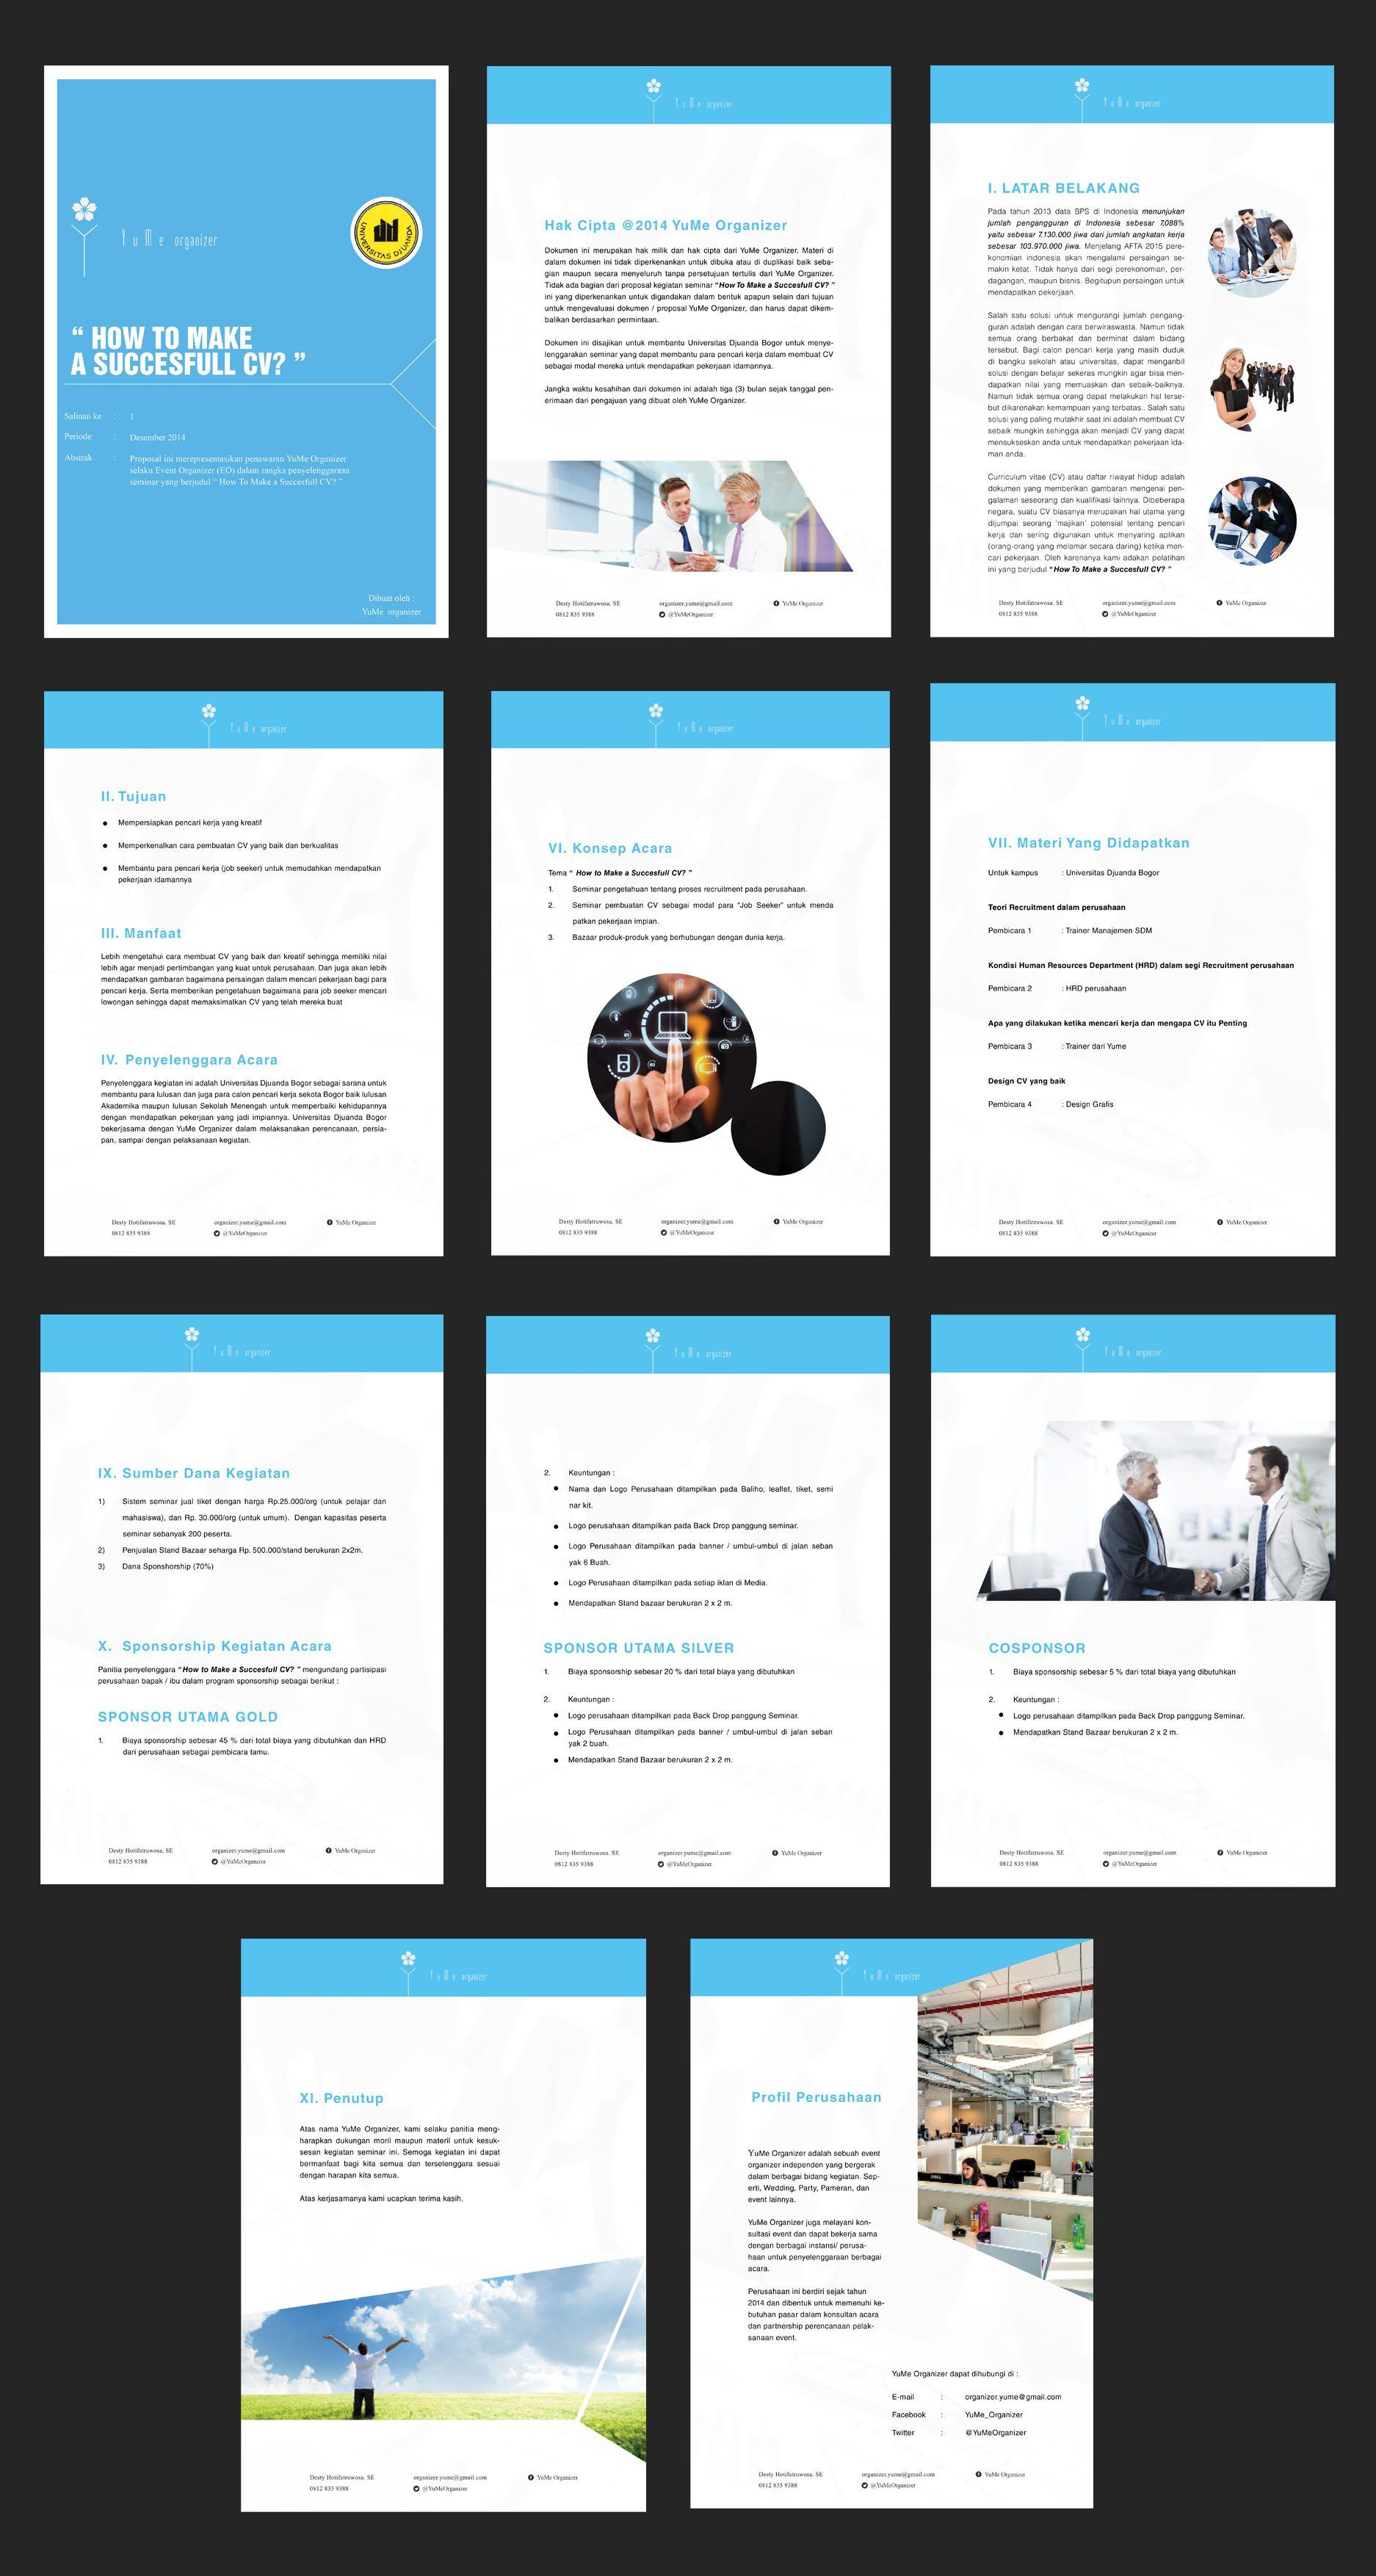 PROPOSAL CV WORKSHOP EVENT SAMPLE DESIGN #Proposal #Design | cv ...